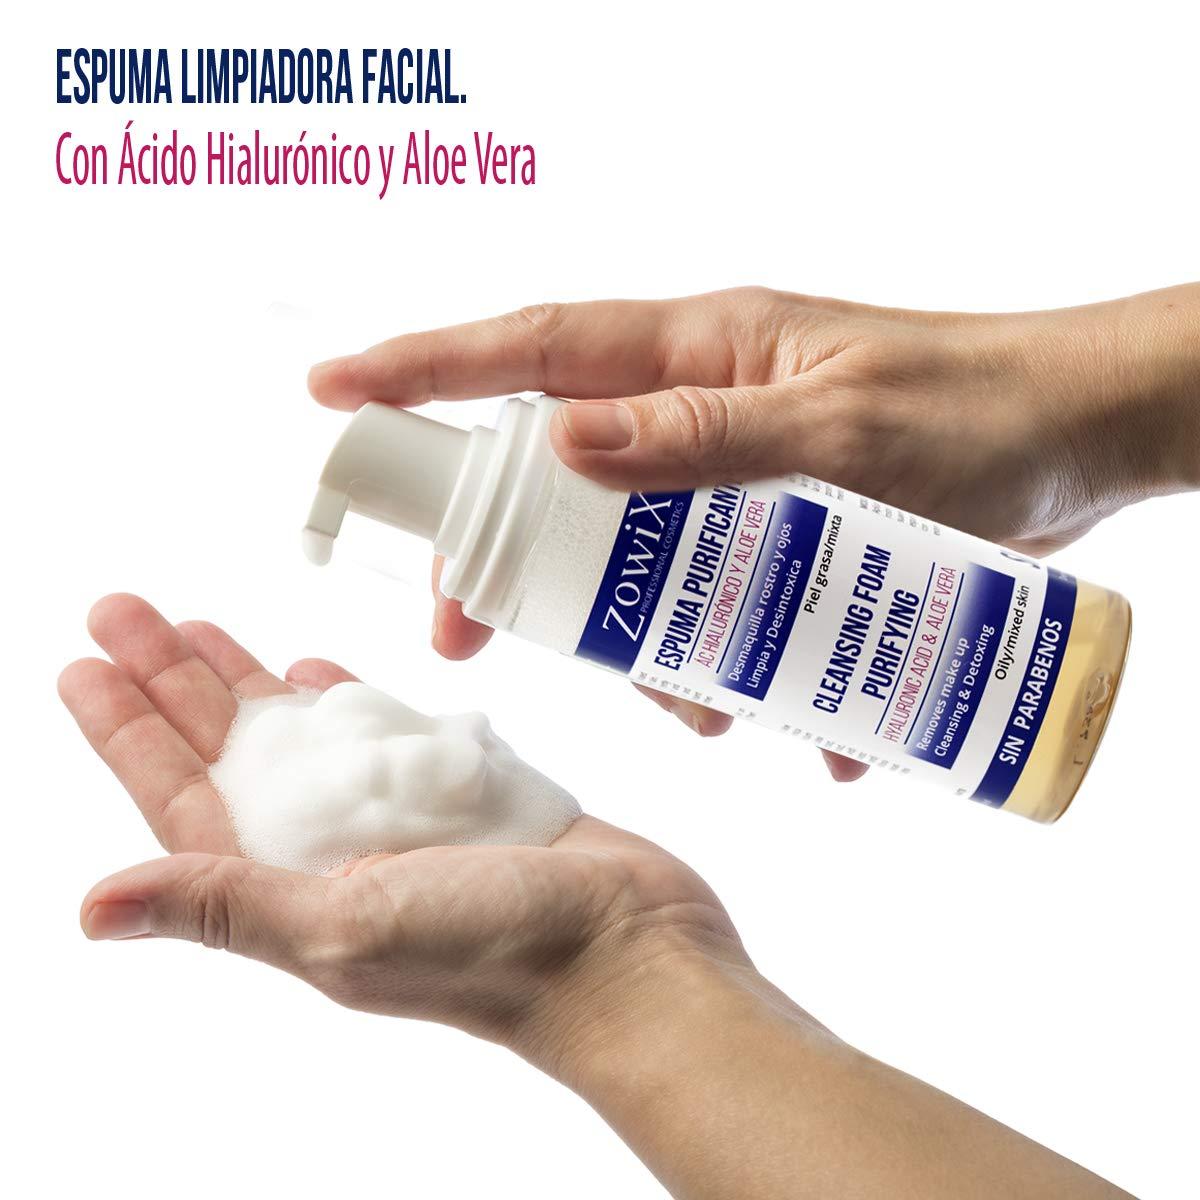 Zowix Desmaquillante ojos, cara y cuello. Limpiador facial en espuma para pieles MUY Grasas. Jabón Natural en mousse con Acido Hialuronico. Sin parabenos.